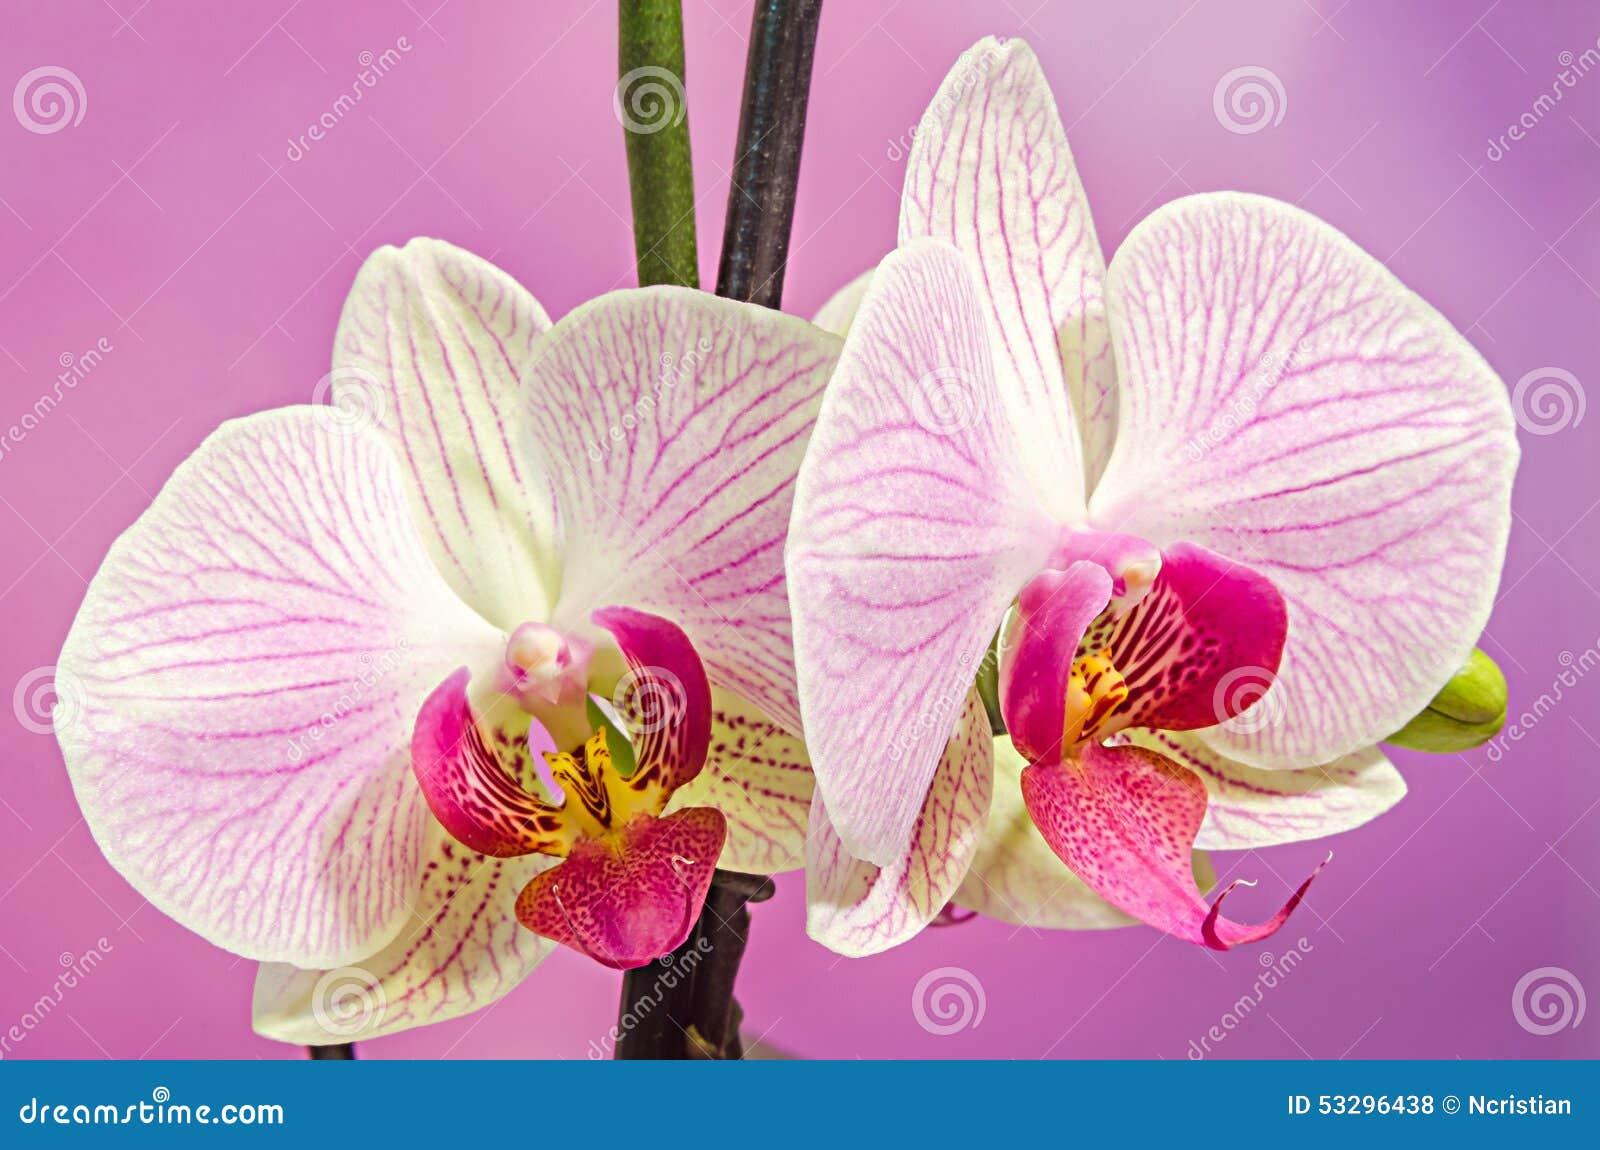 Assez Nom des fleurs avec photos - fleuriste bulldo QI84